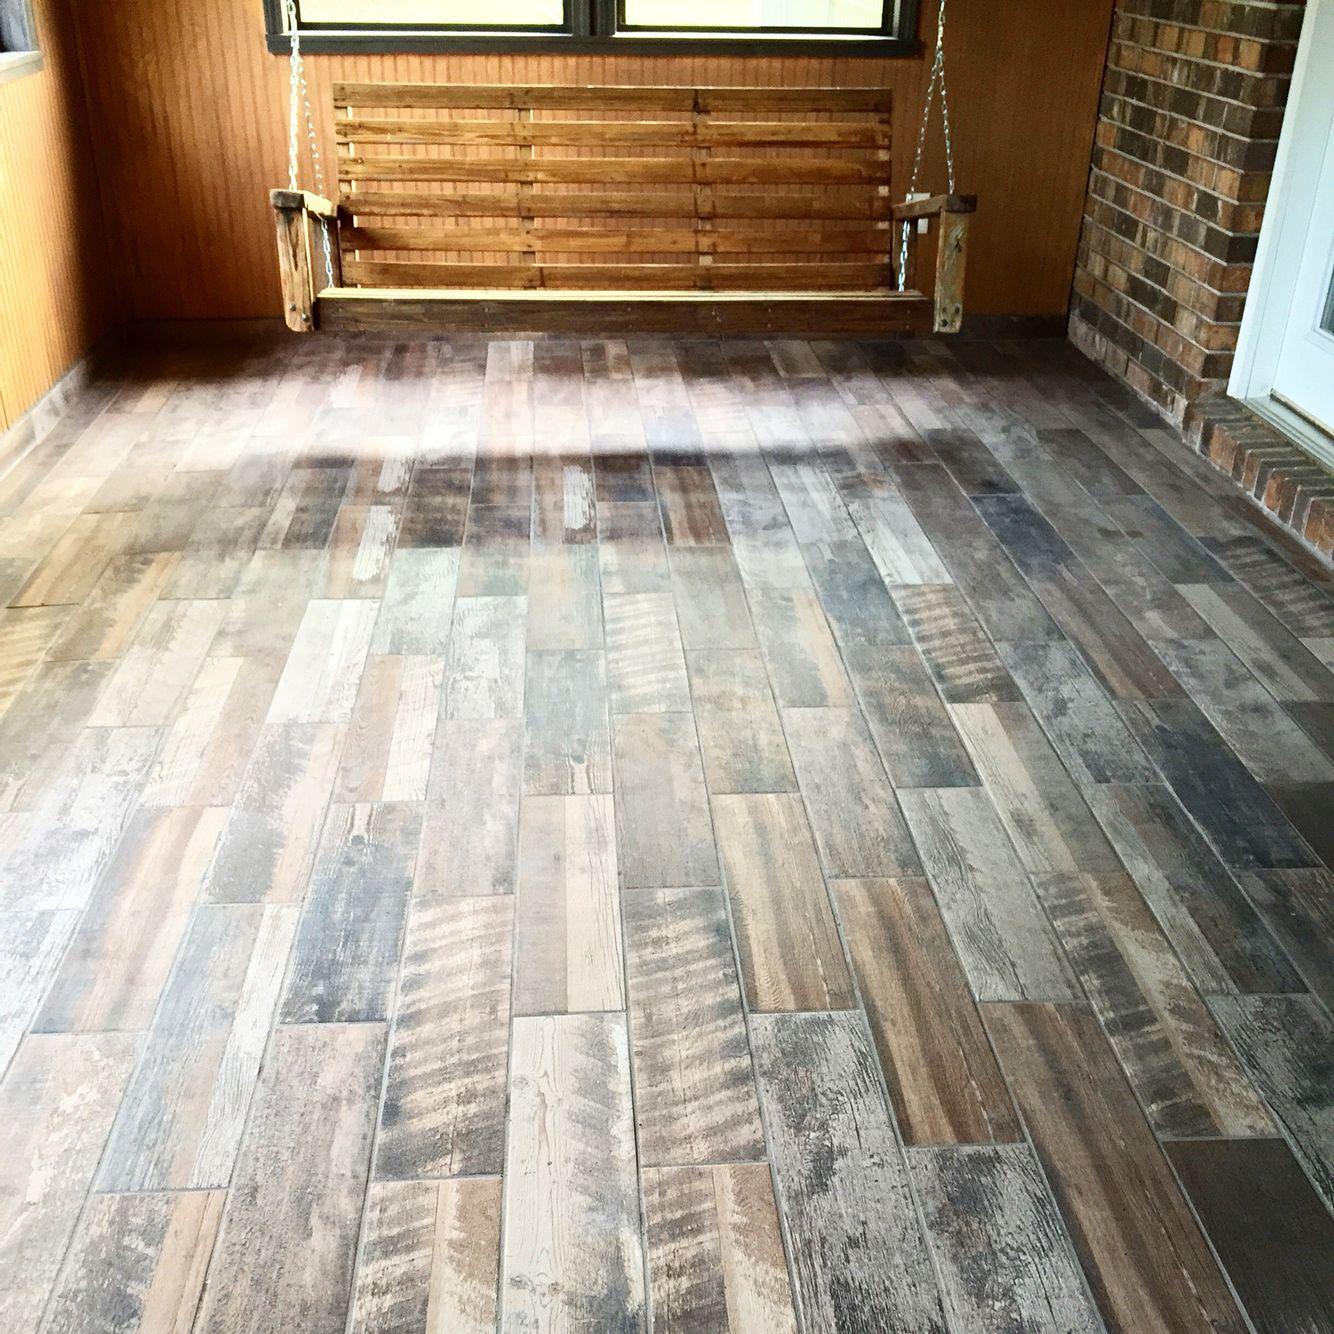 Rustic tile floors that look like wood rustic tile wood home rustic tile floors that look like wood rustic tile wood dailygadgetfo Choice Image